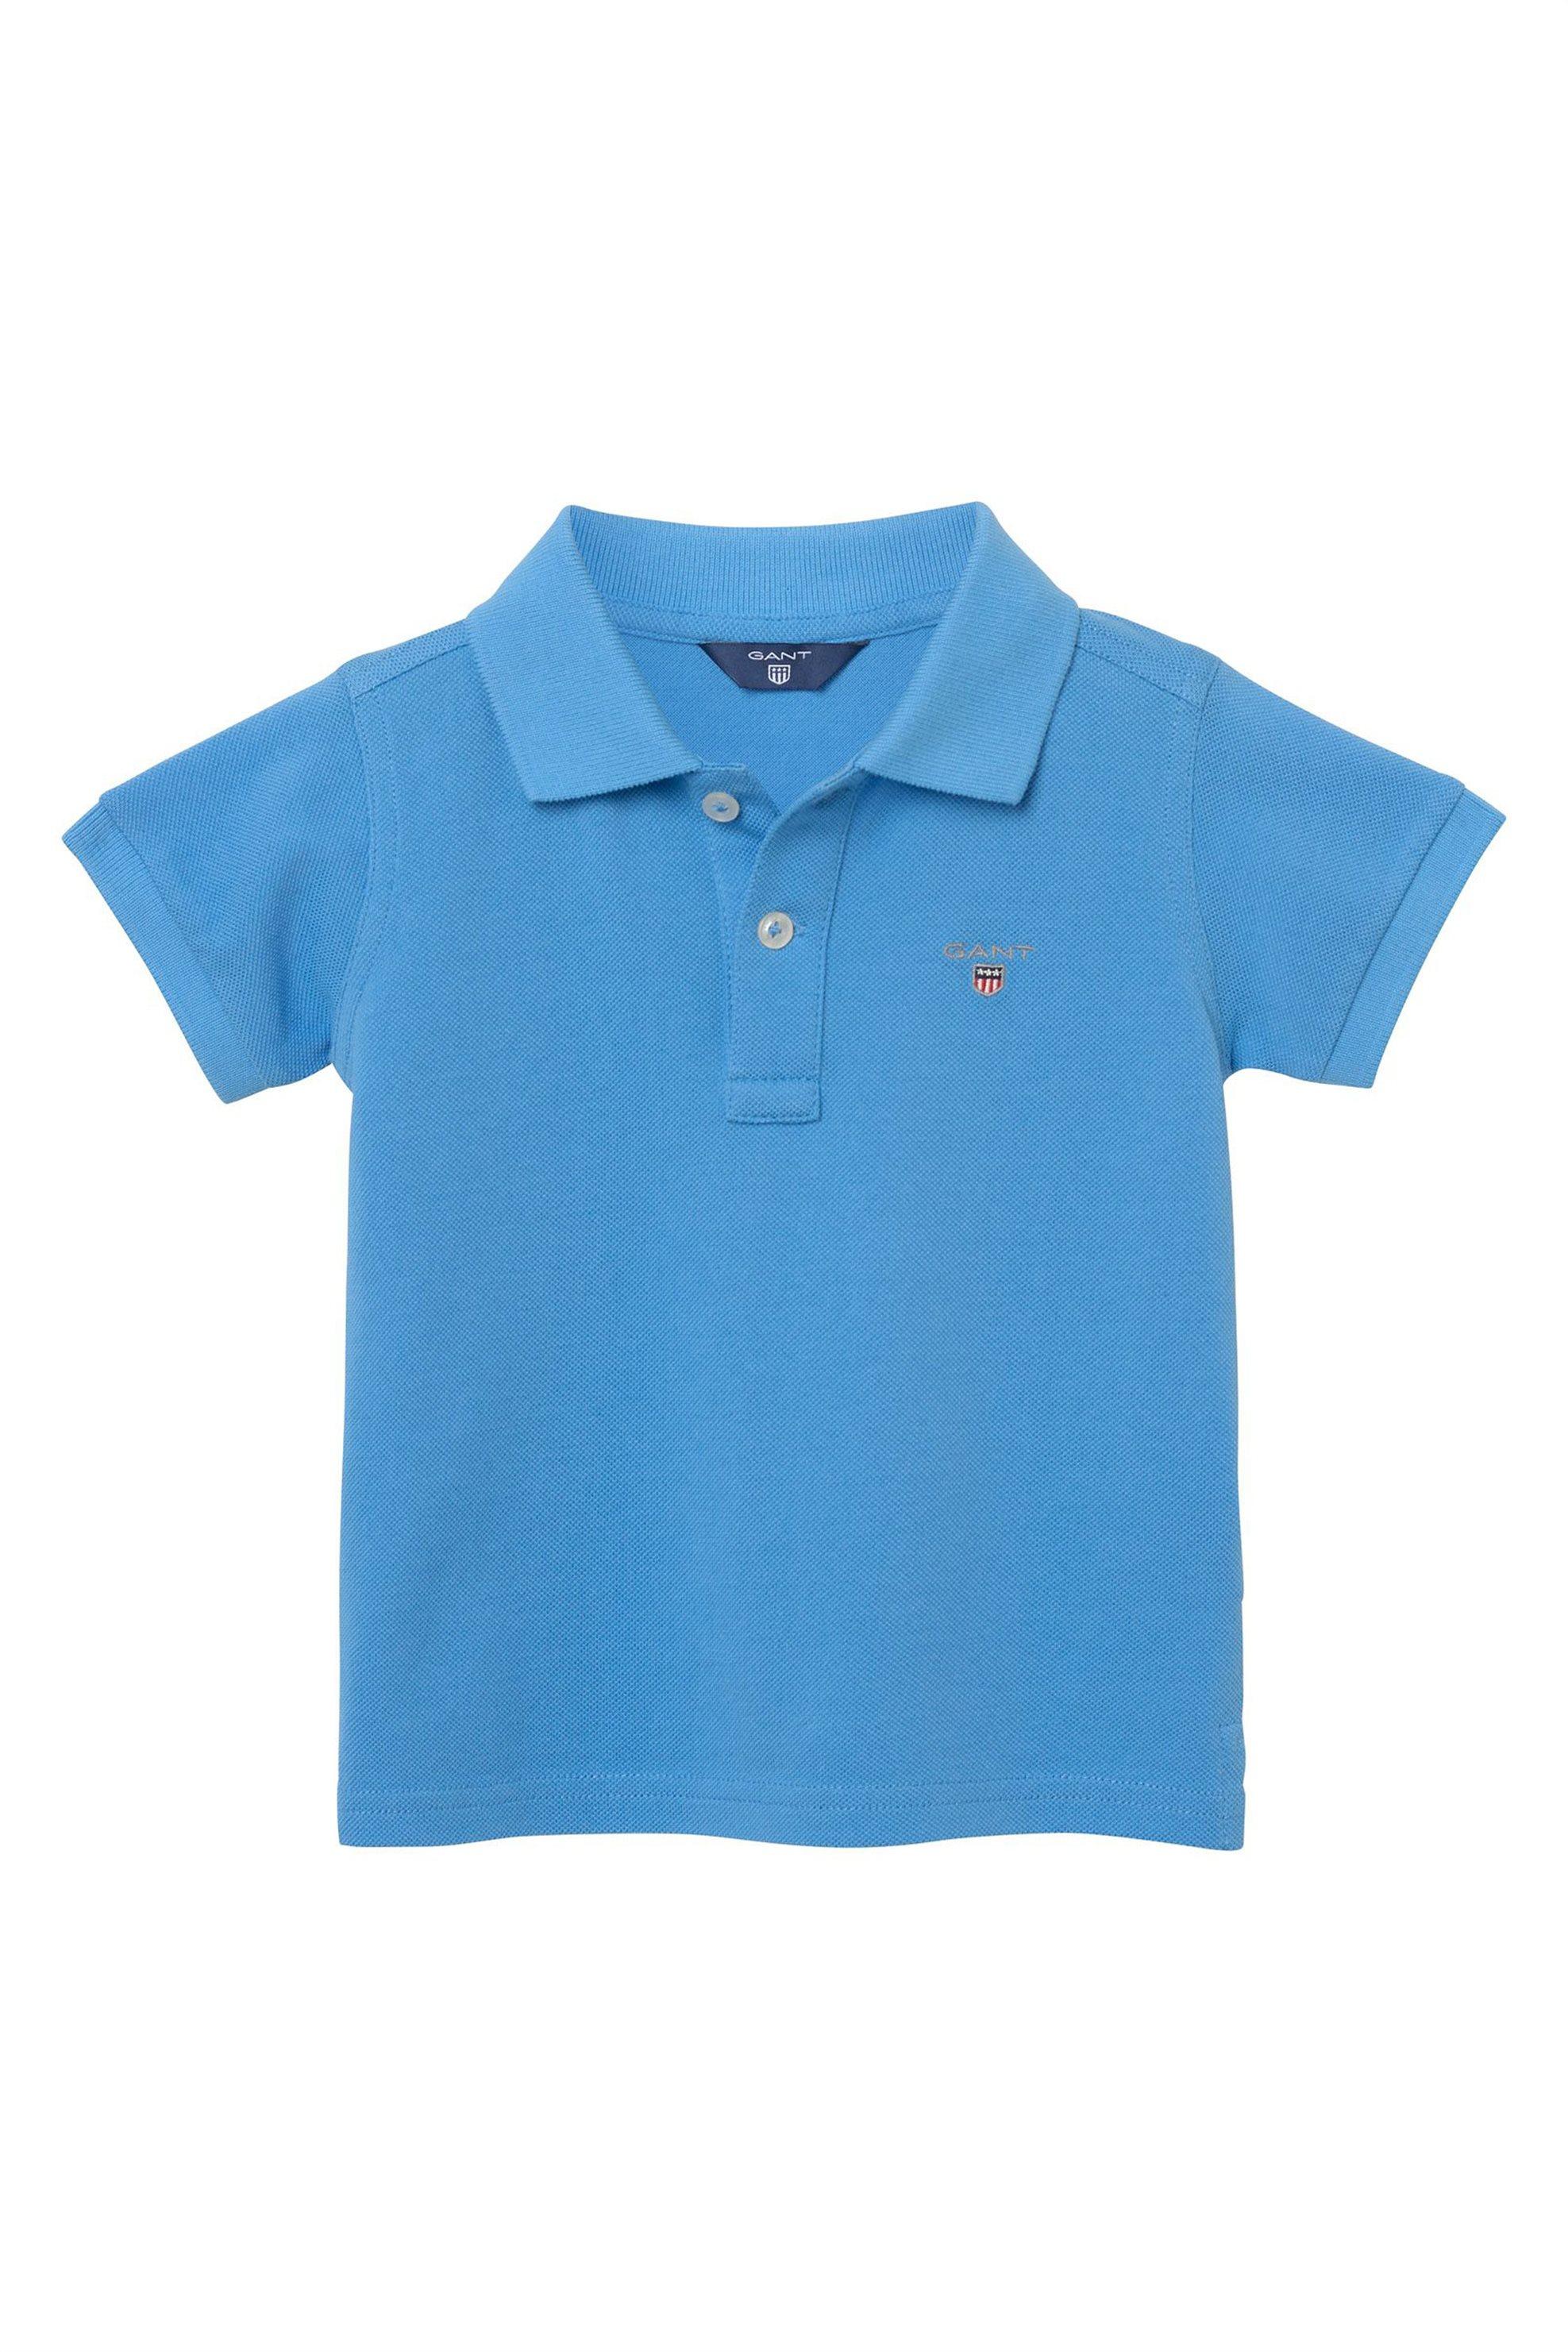 f4871ff2428 Notos Gant βρεφική μπλούζα polo μονόχρωμη - 702201 - Μπλε